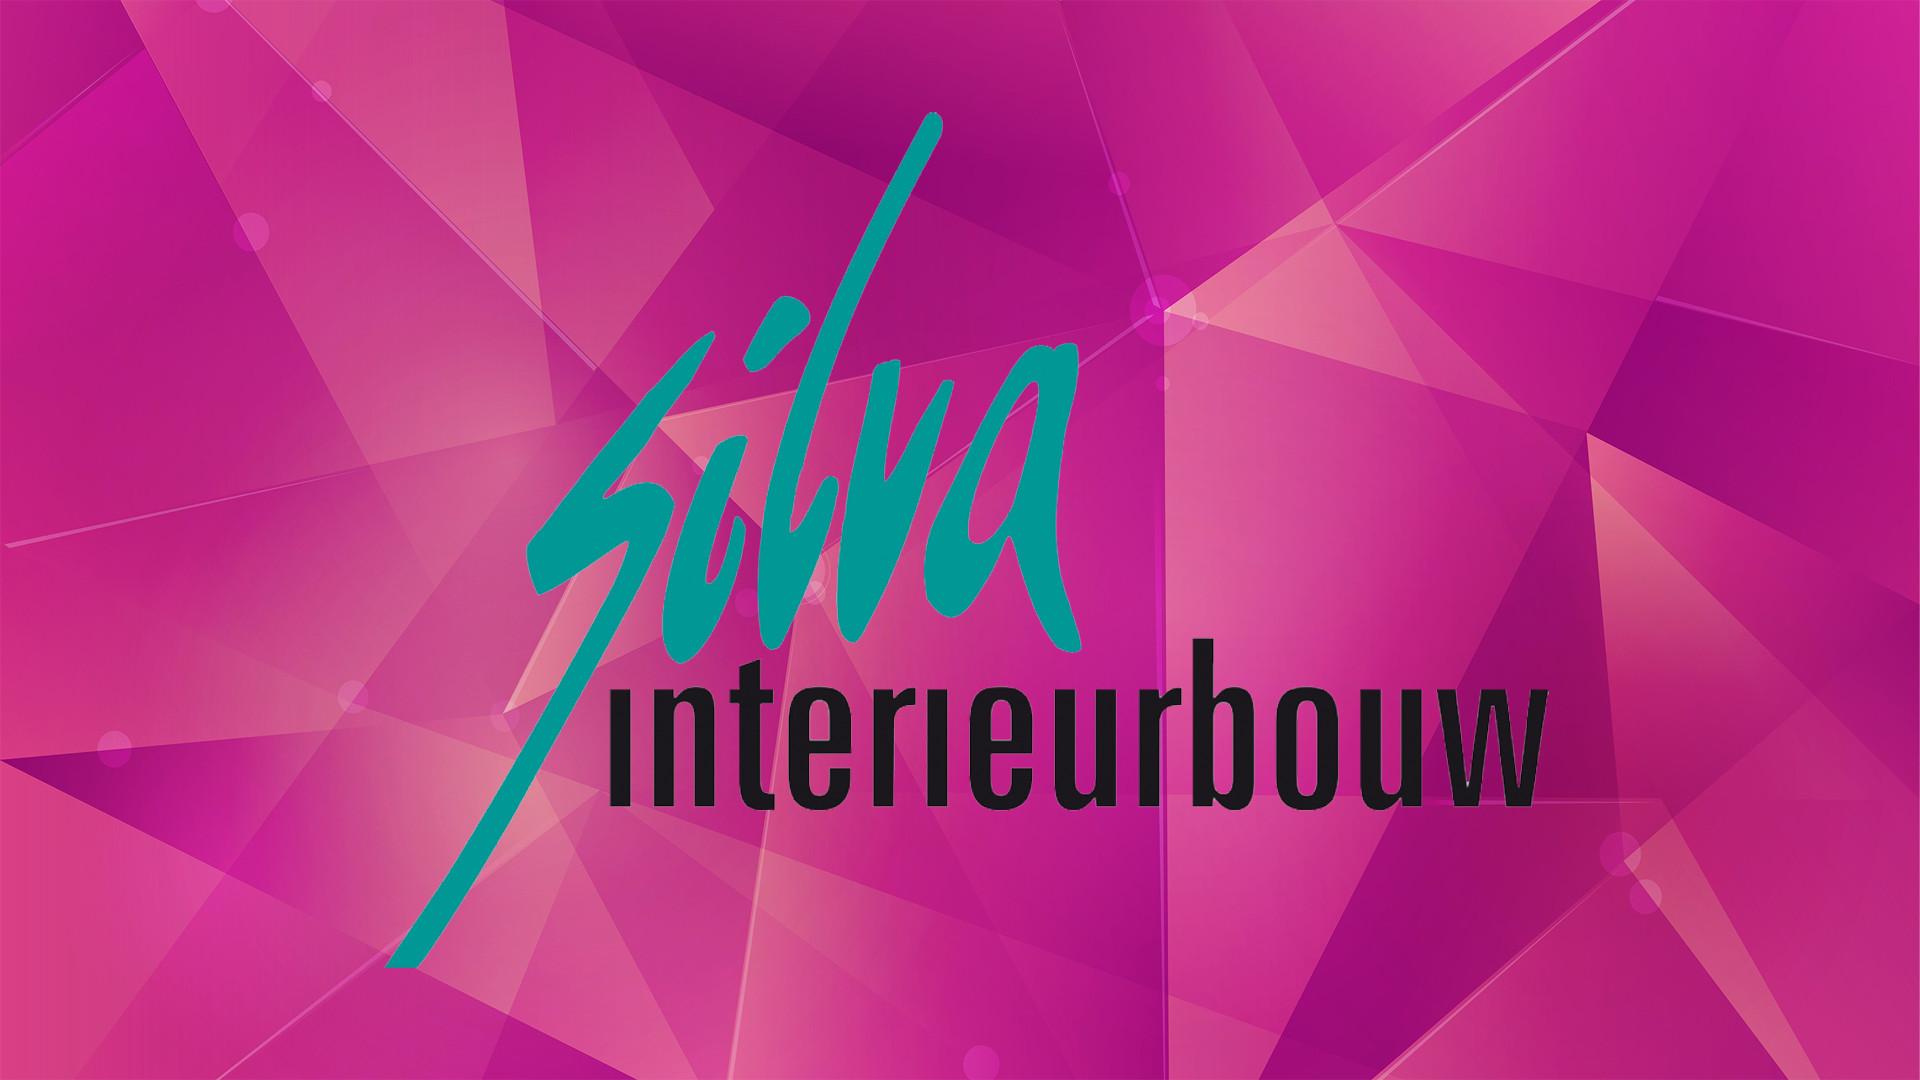 Silva Interieurbouw